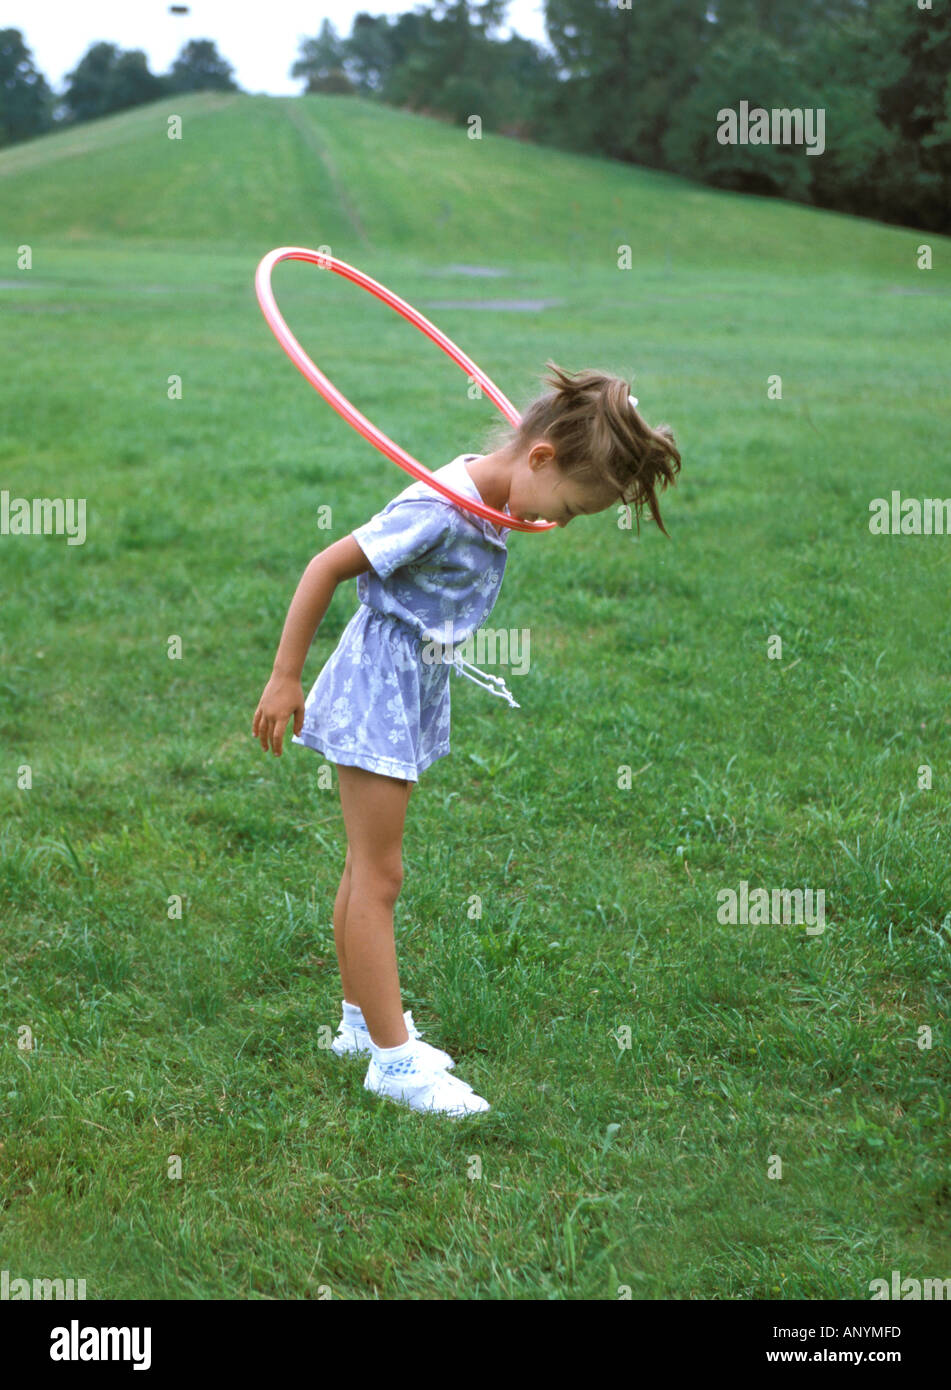 Ragazza che gioca con hula hop cerchio MR8417 Immagini Stock